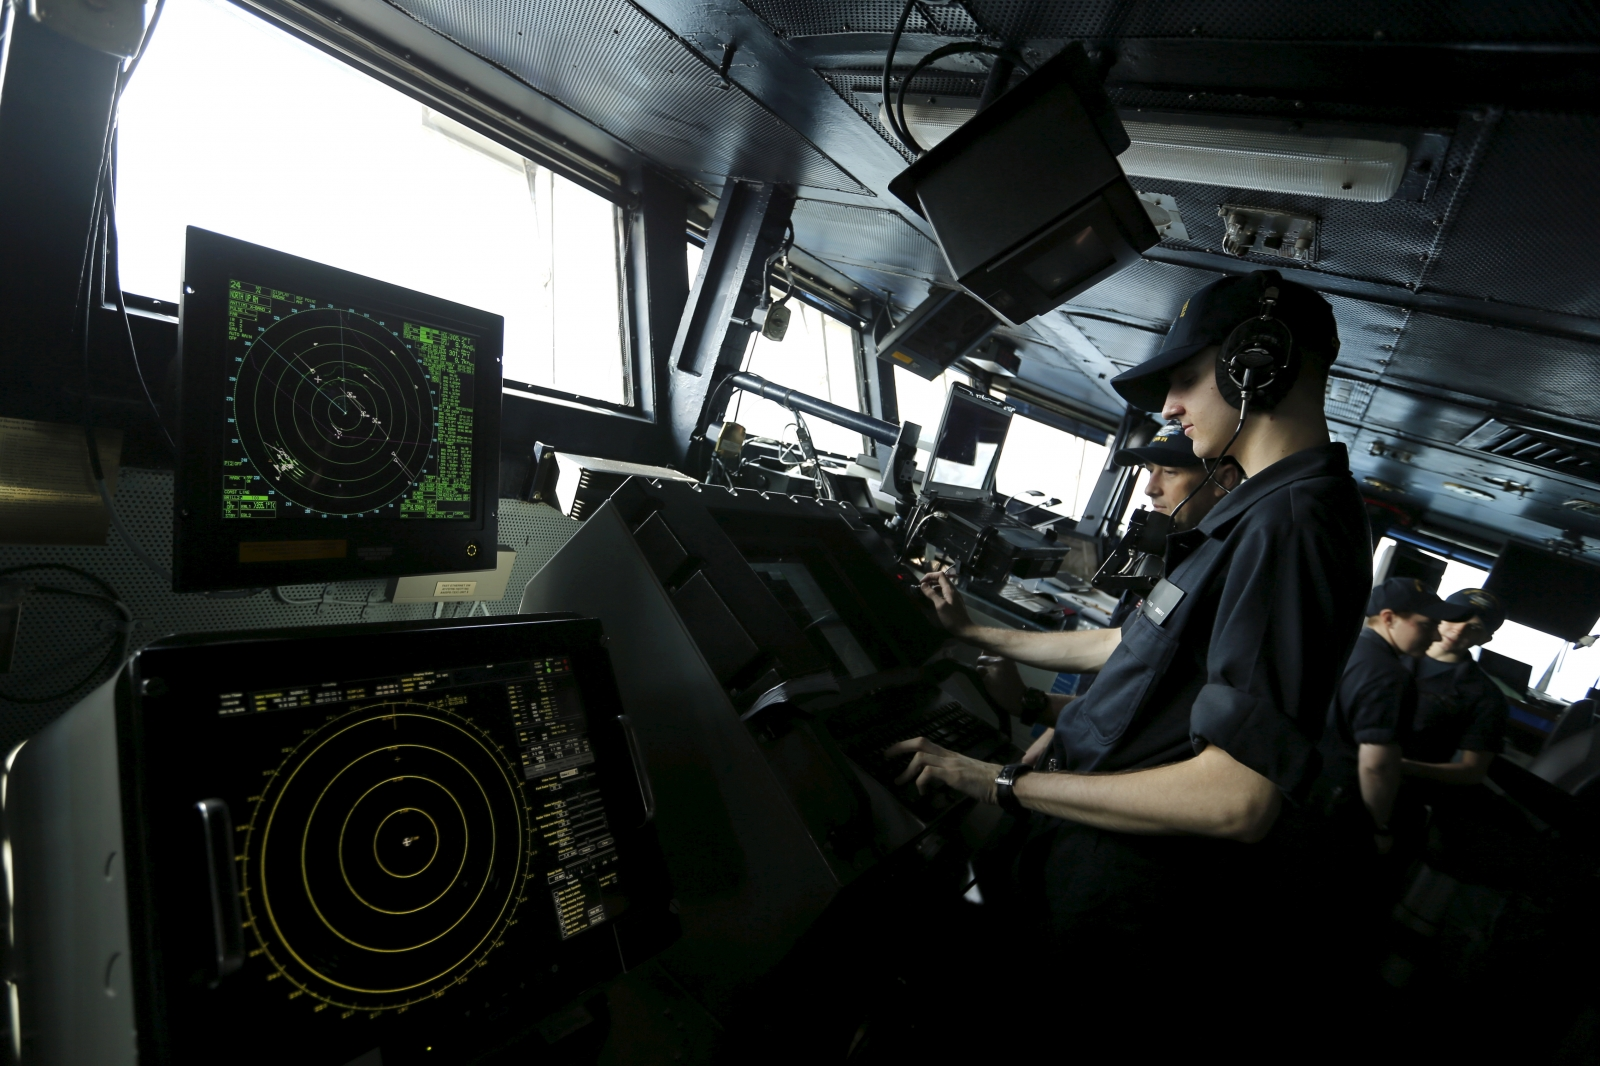 US Navy is still using Windows XP